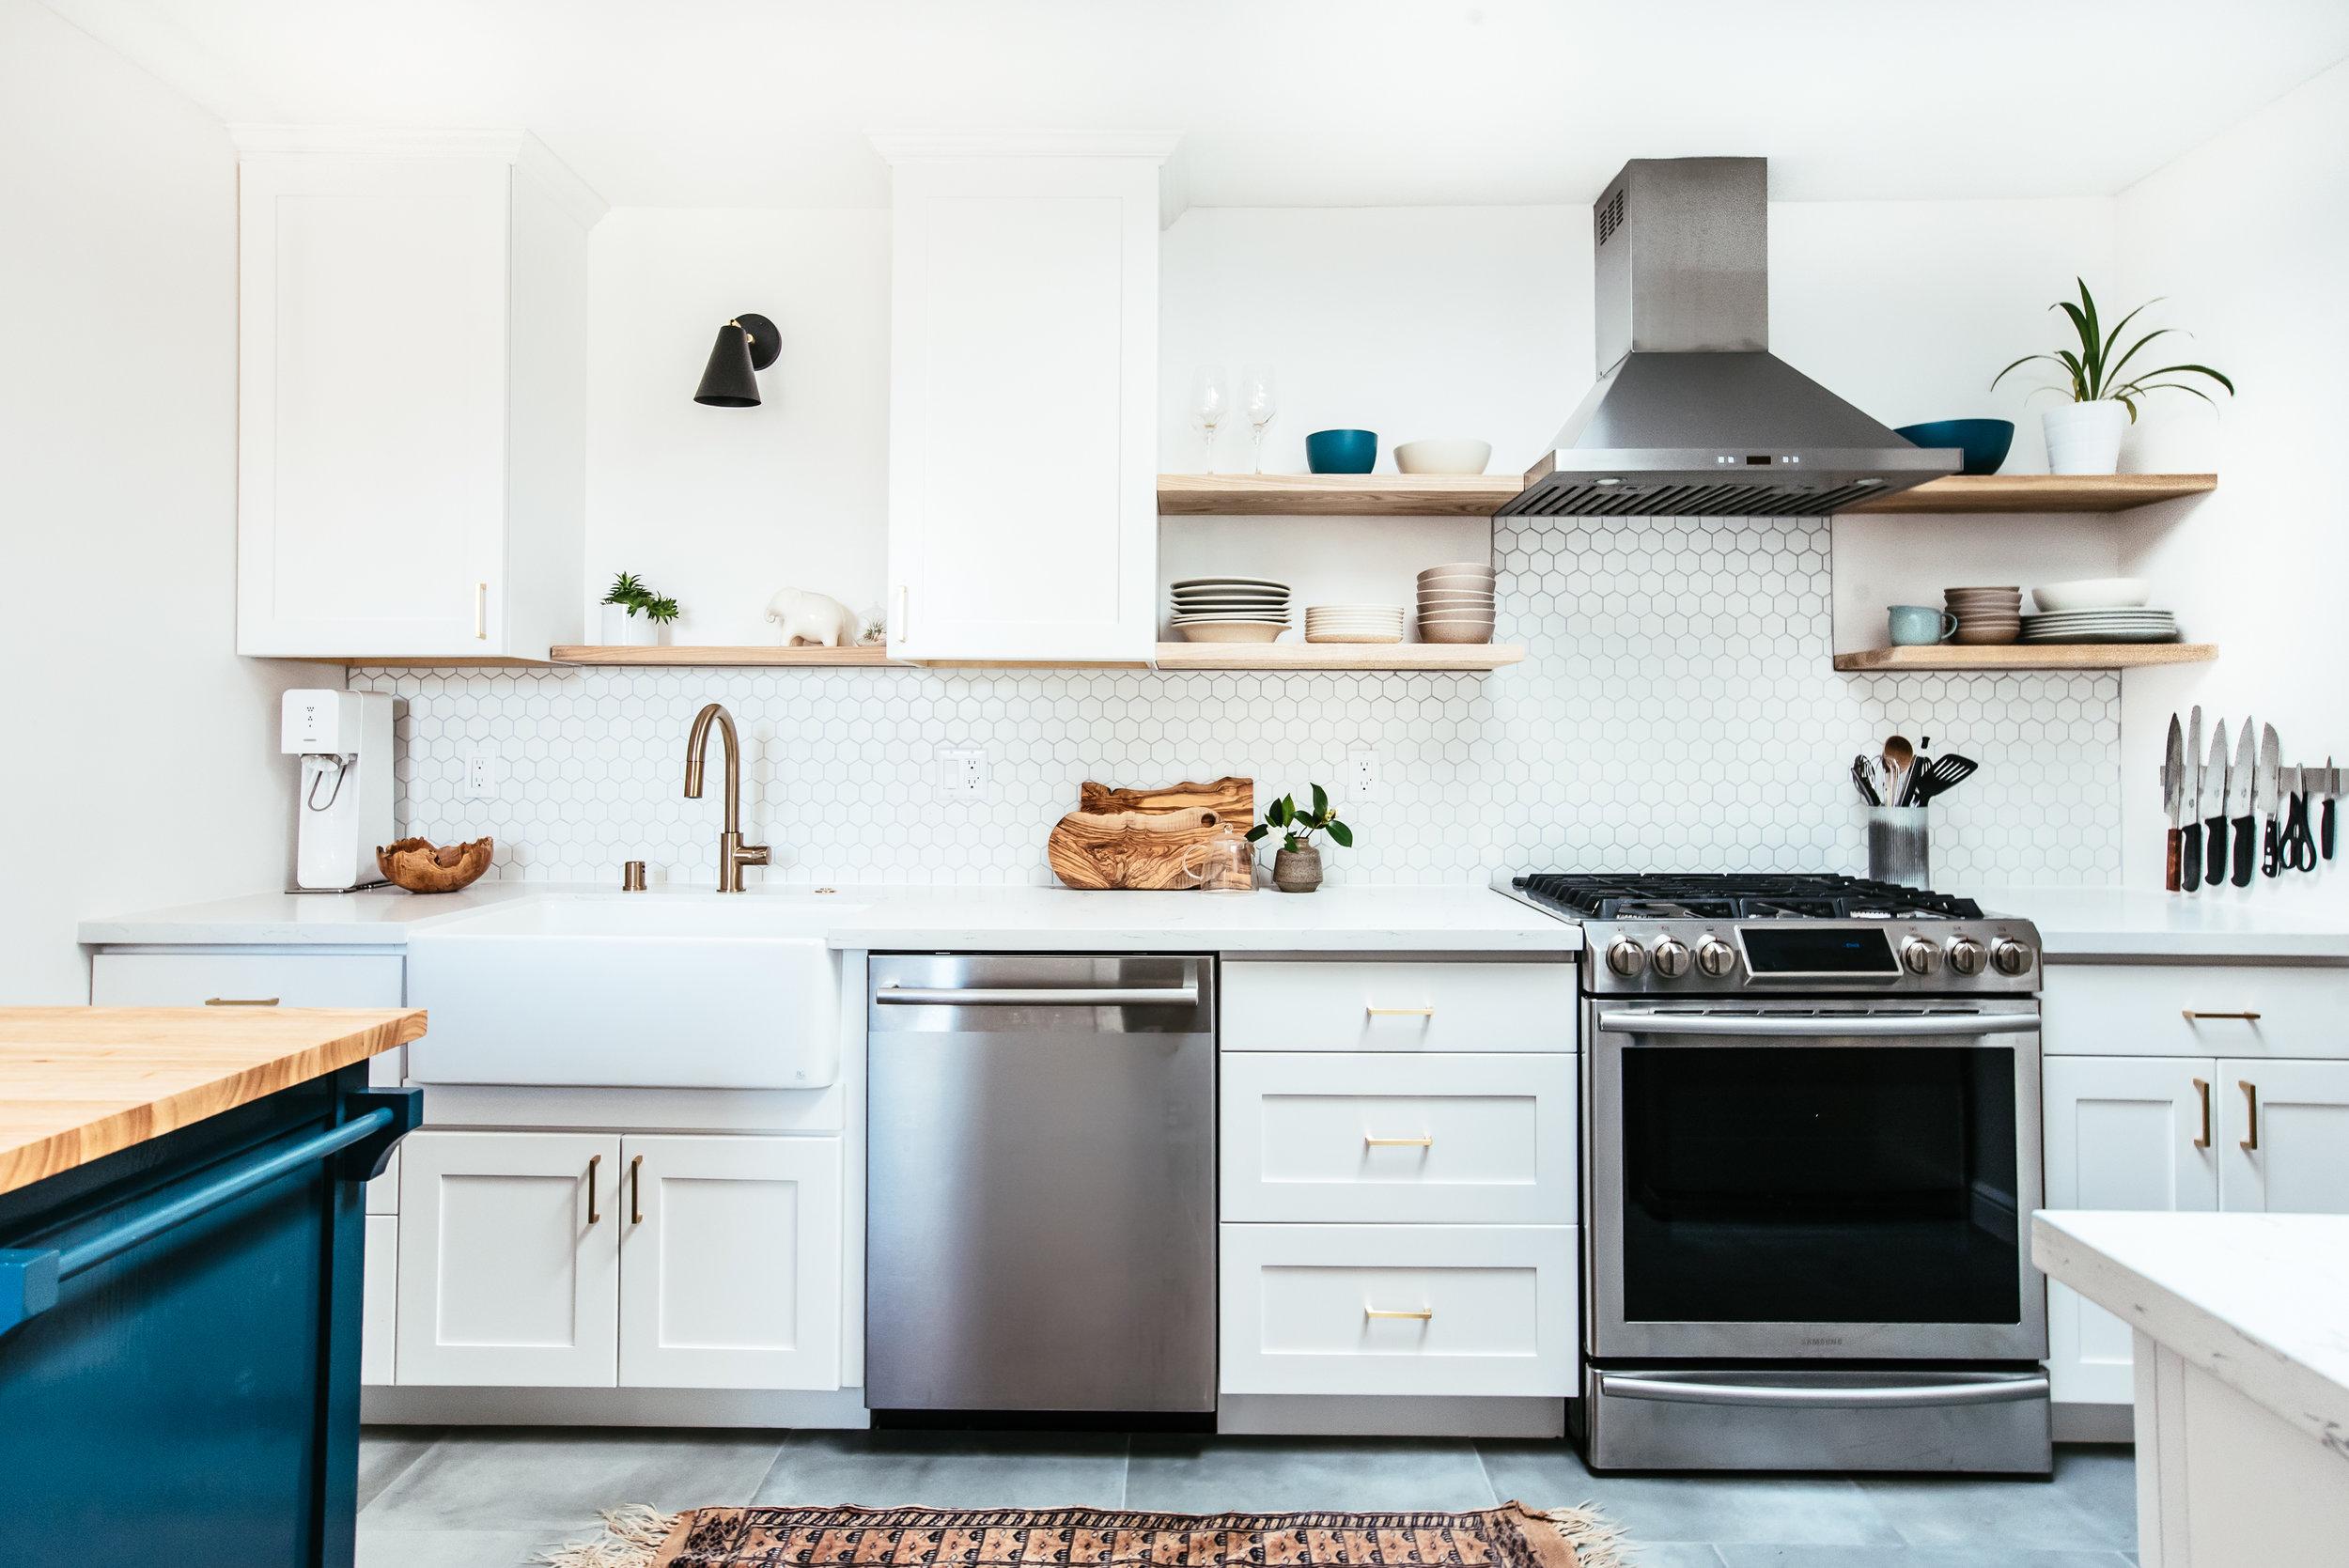 leah-kitchen-renovation-16.jpg